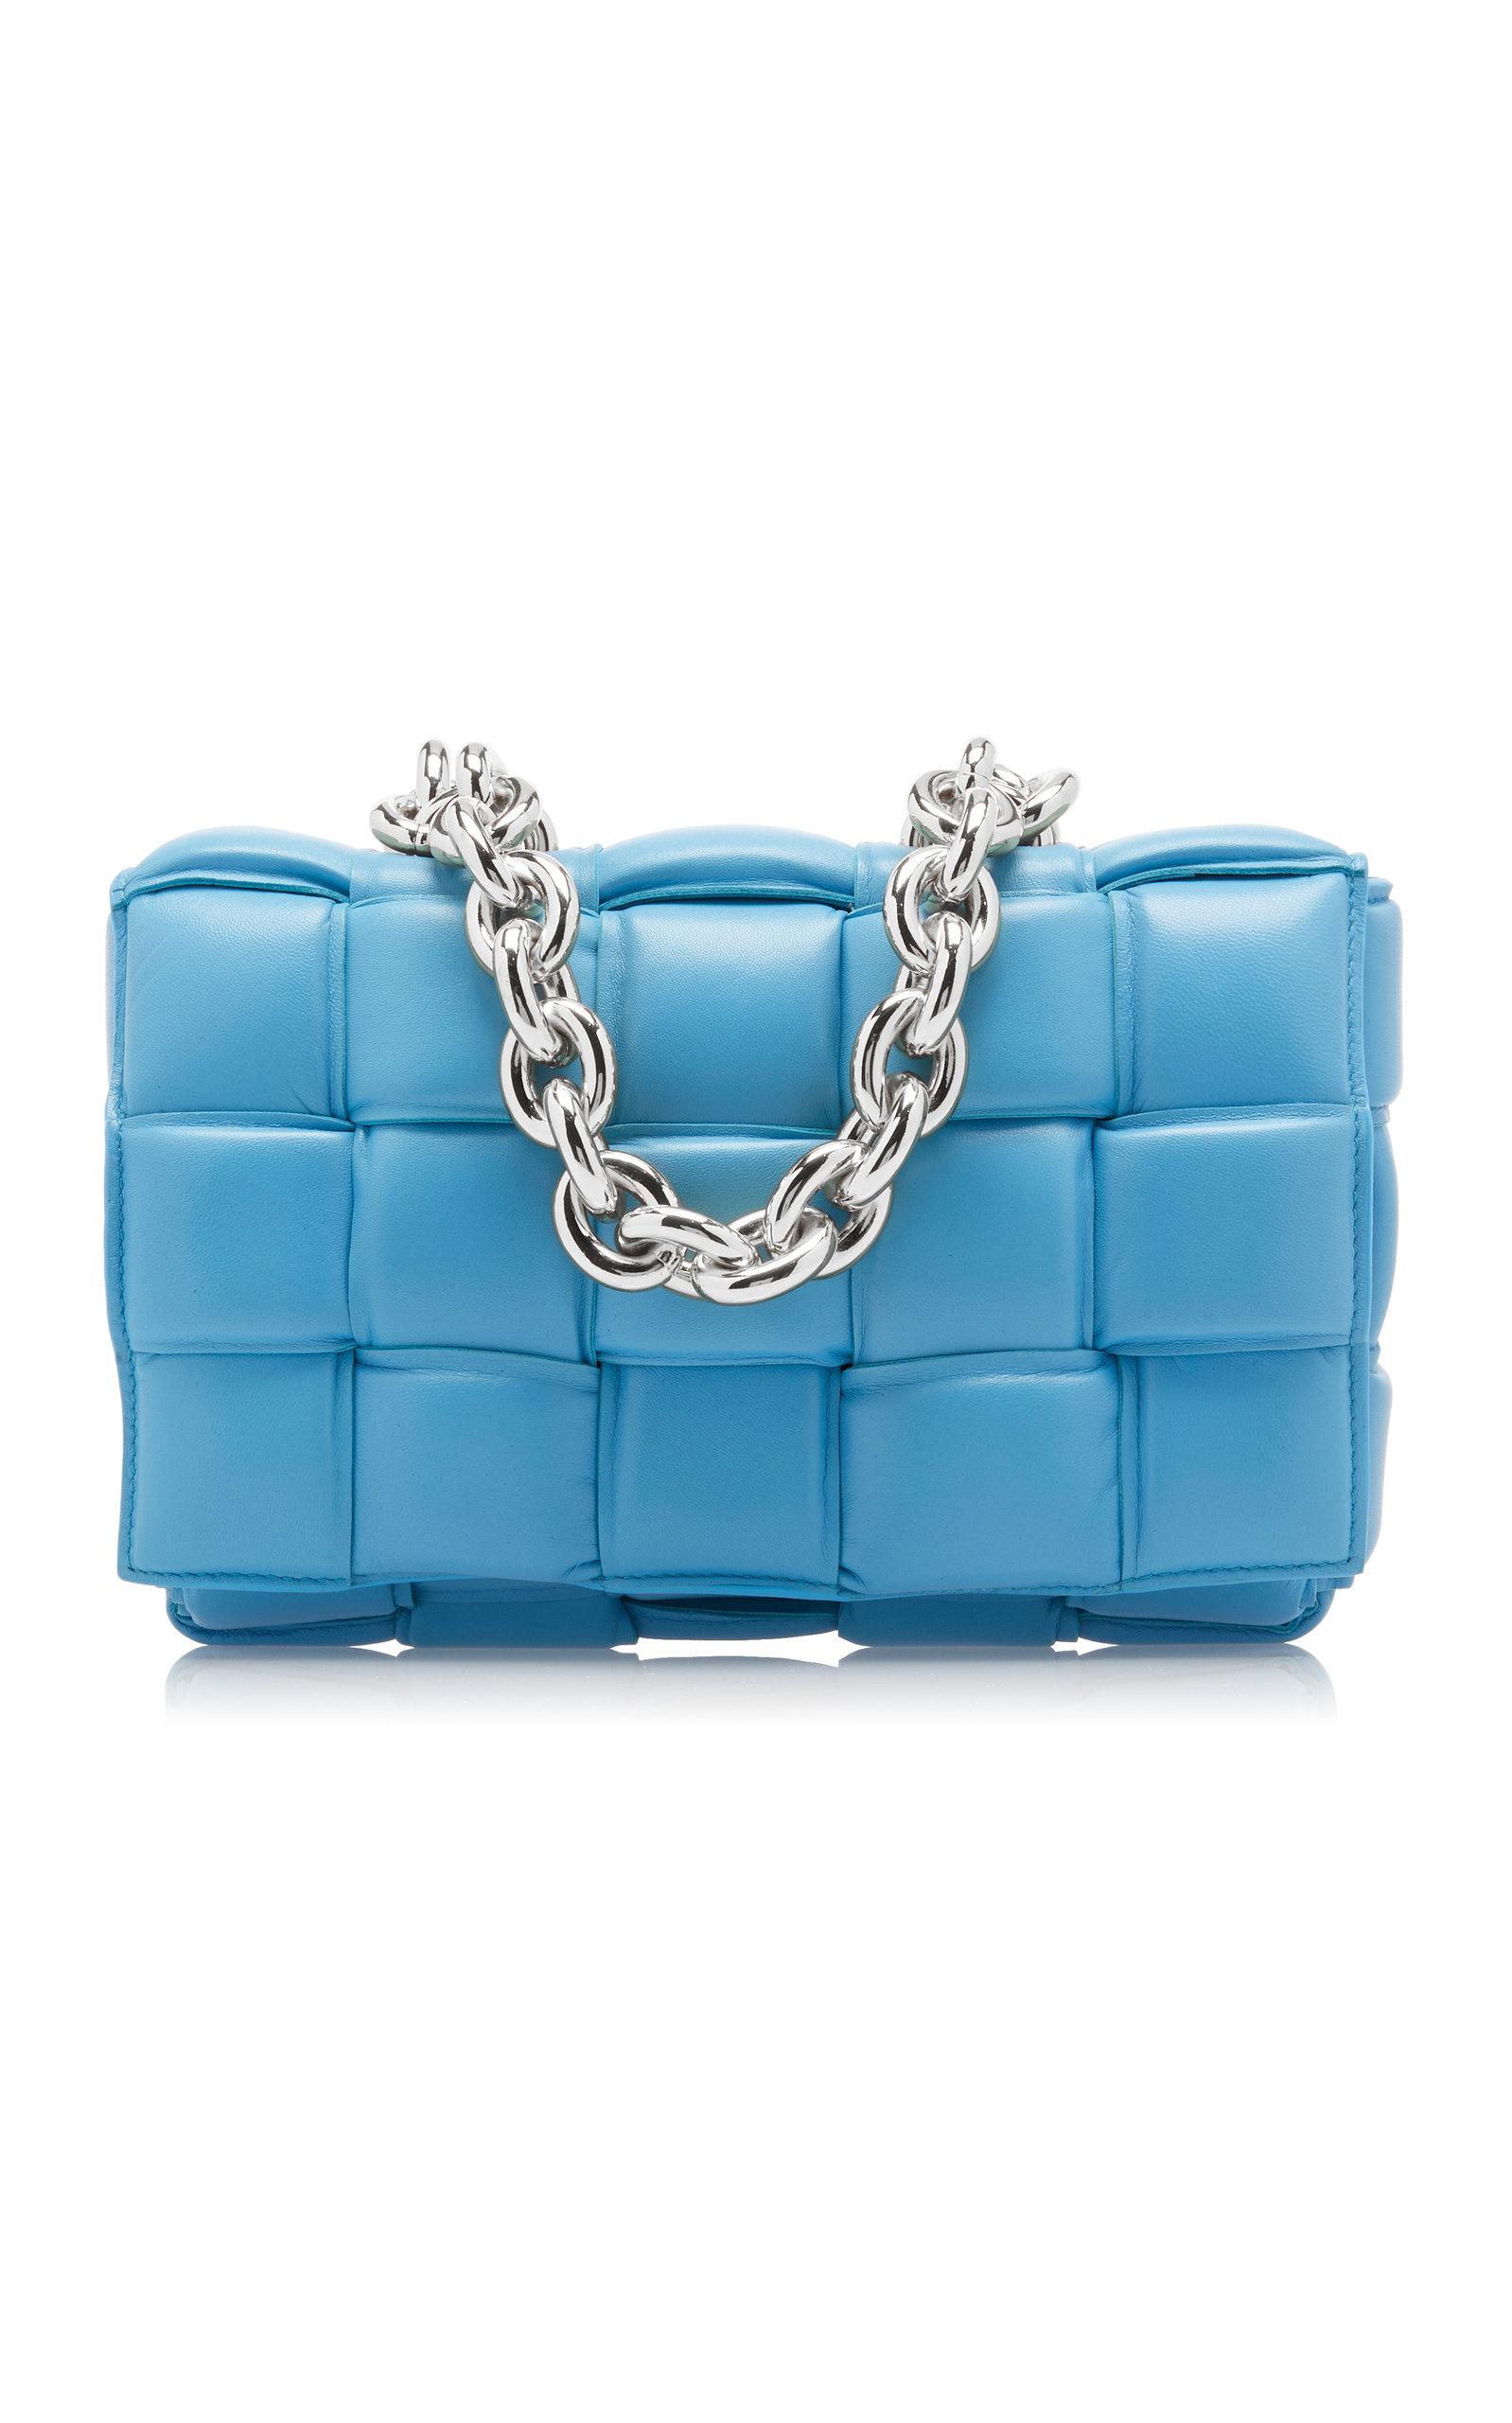 Woven using Bottega Veneta's distinguished intrecciato technique, this vivid blue crossbody bag is c